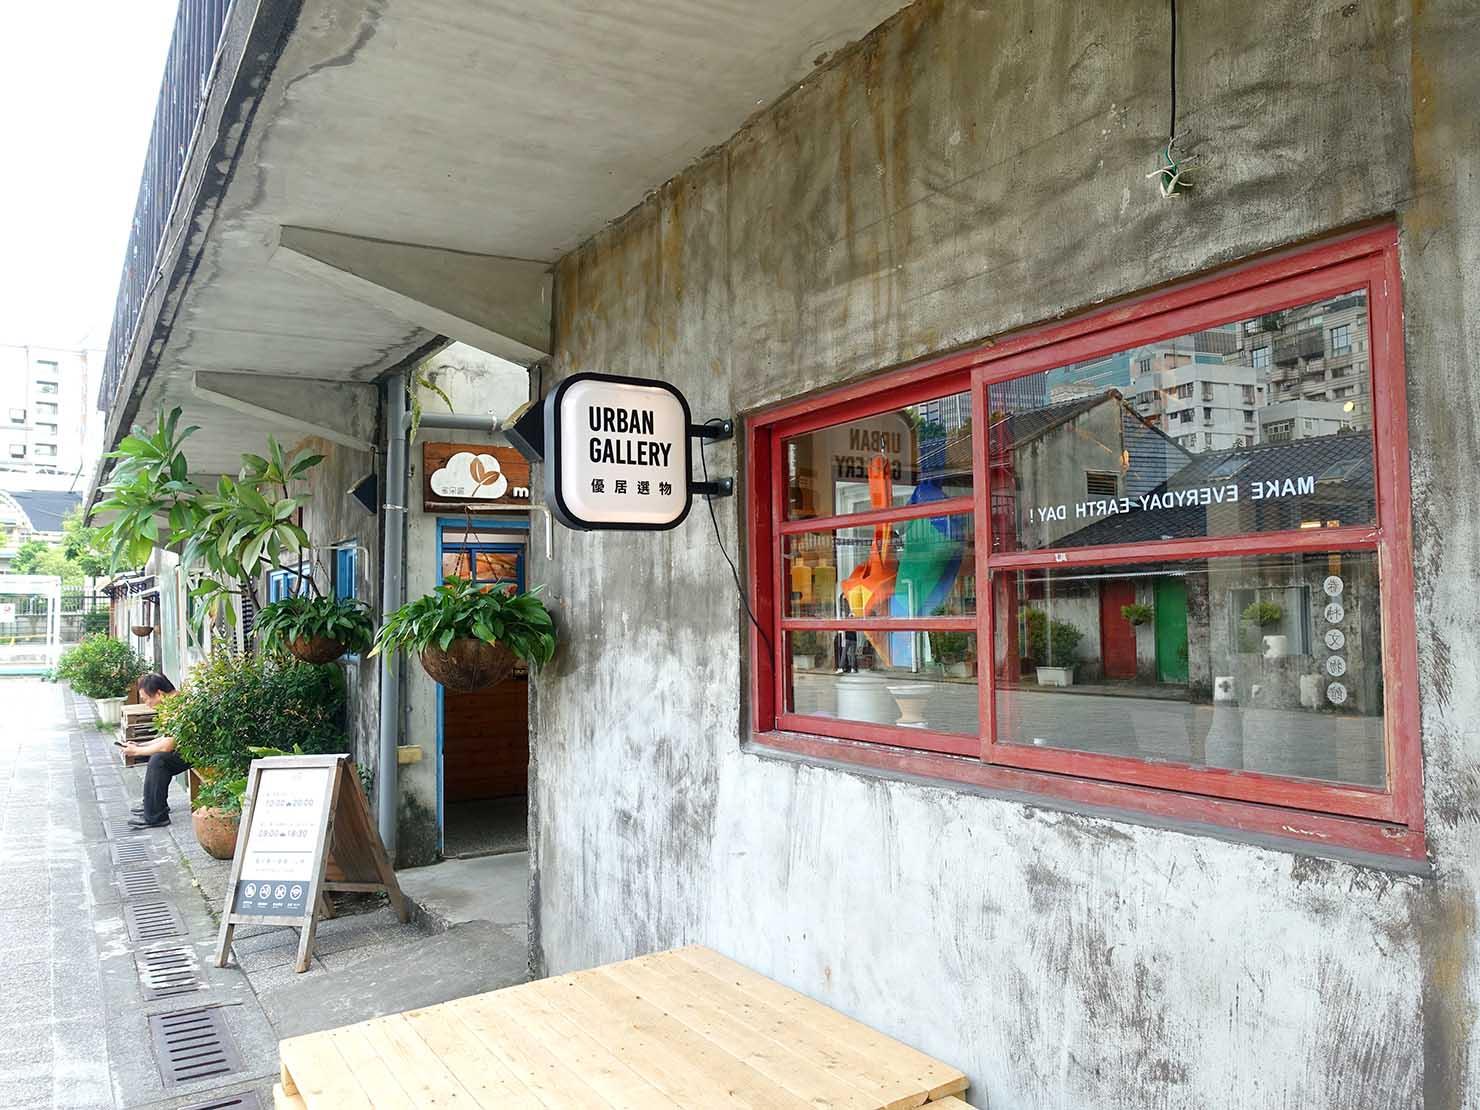 台北101エリアでのおみやげ探しにおすすめのショップ「好丘 Good Cho's」の窓